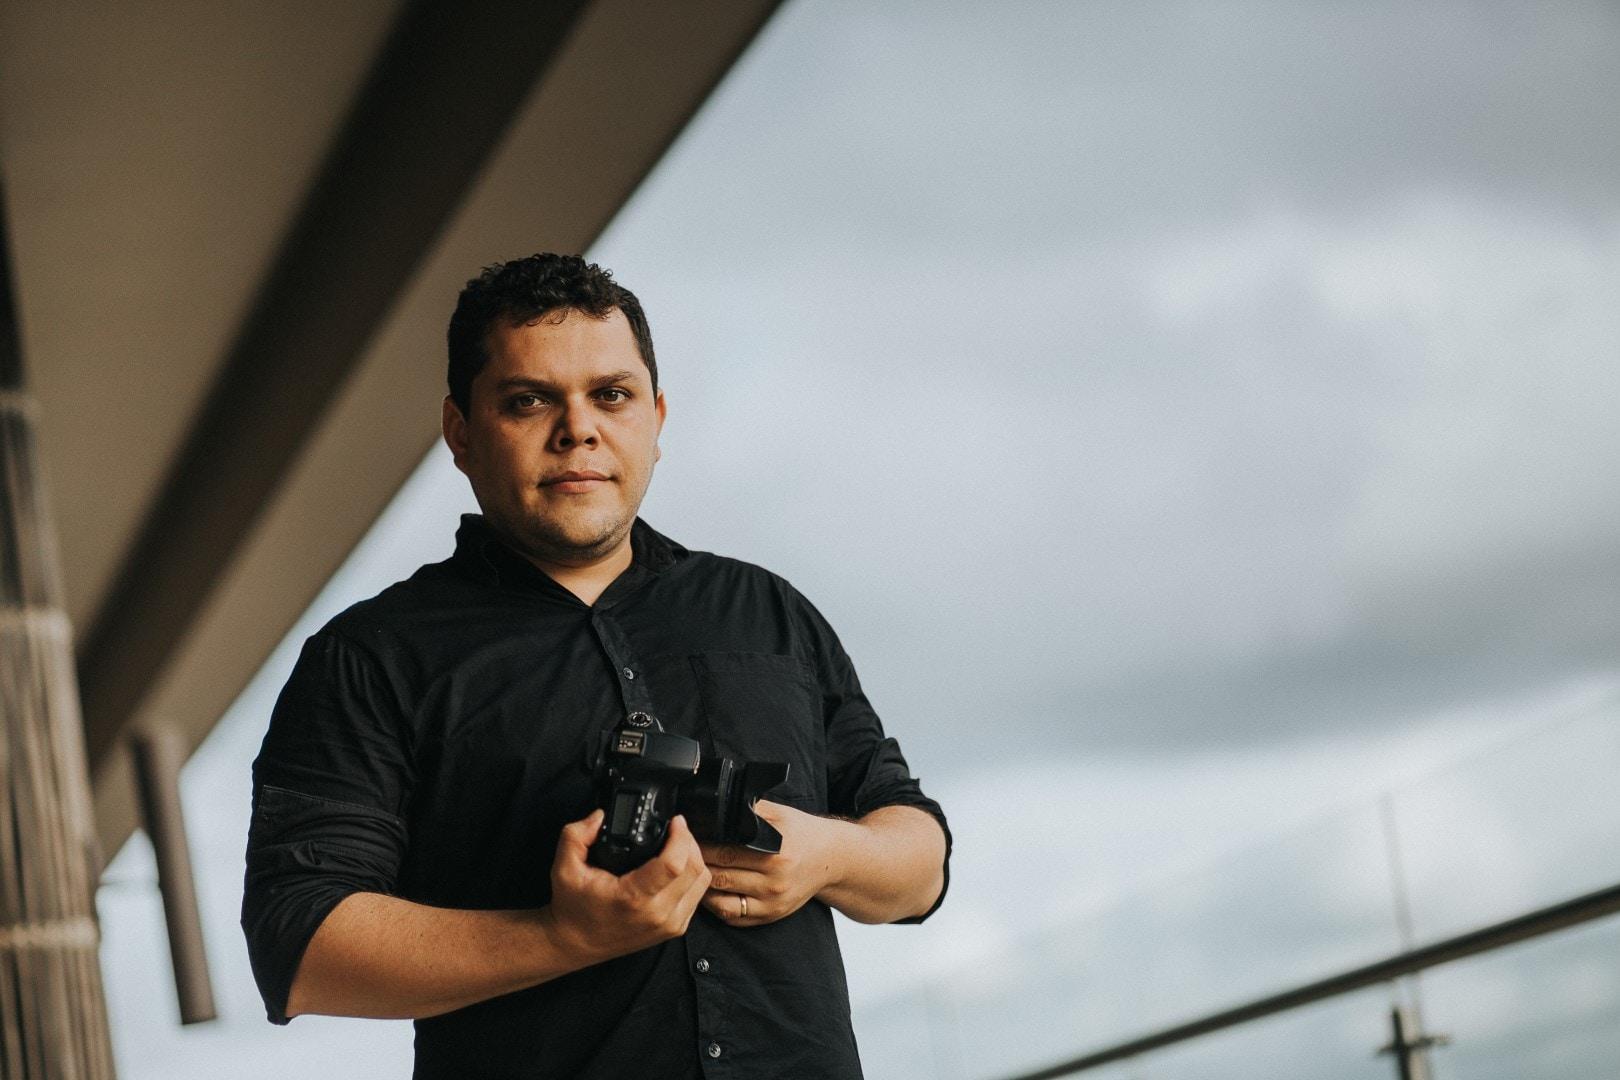 Go to Oscar Ivan Esquivel Arteaga's profile